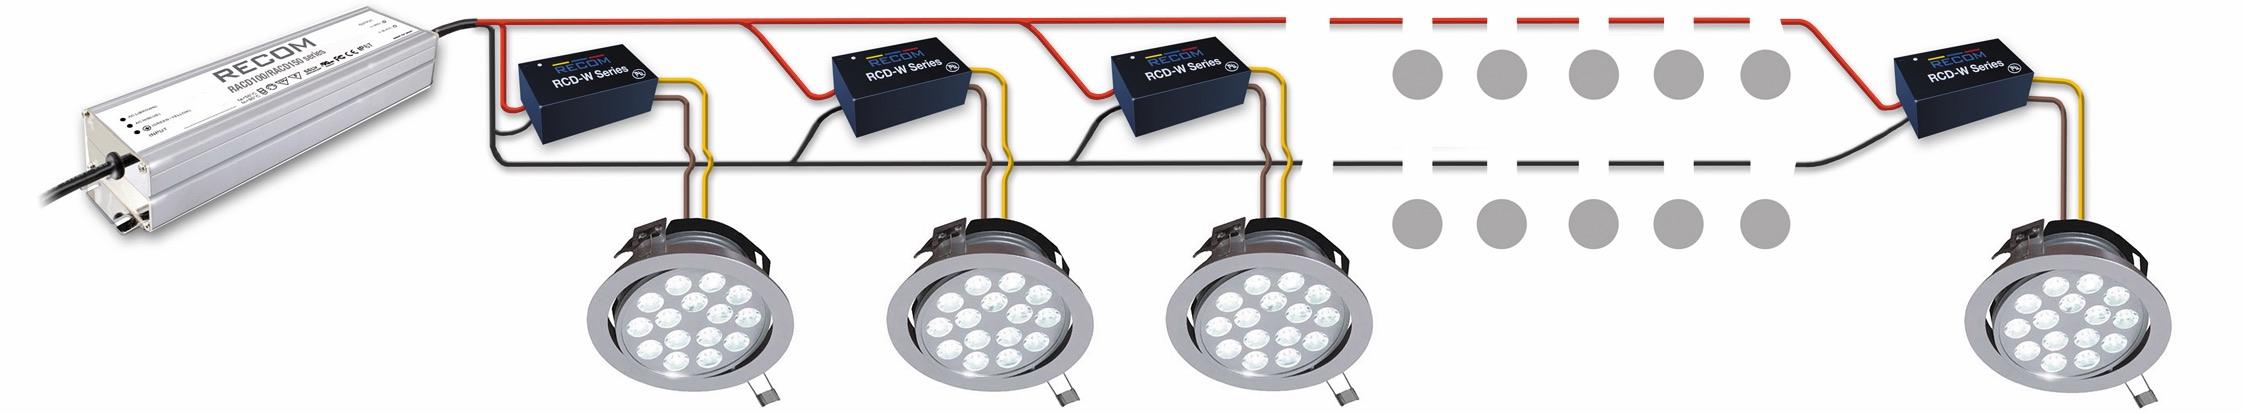 Двухступенчатая конструкция с источником питания AC/DC (слева), которая обеспечивает подачу питания для системы освещения 24 или 48 В DC и для светодиодных драйверов постоянного тока, установленных в индивидуальные лампы и питающих их